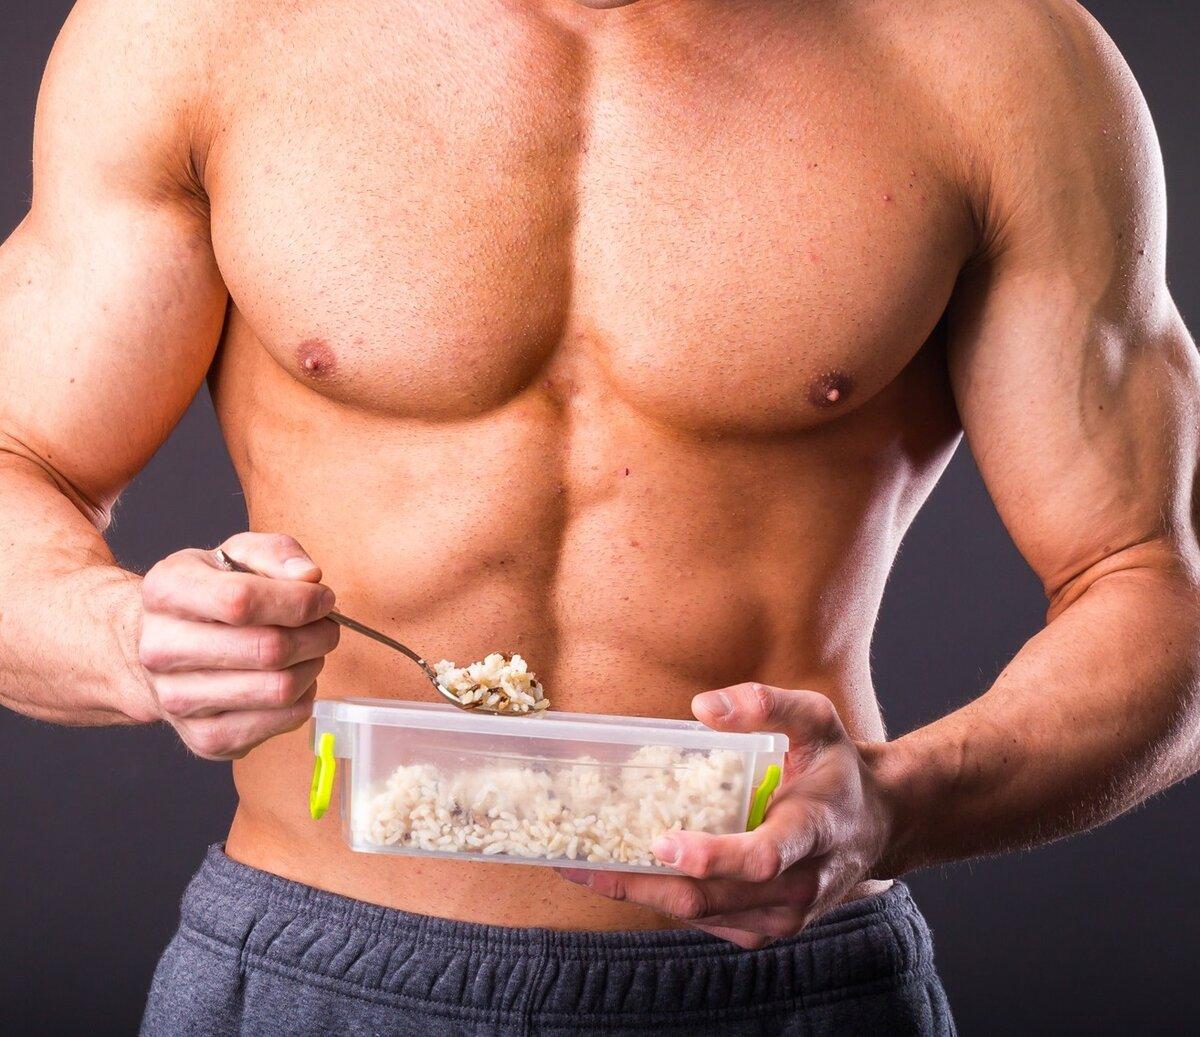 Продукты для набора мышечной массы для мужчин, для женщин, для девушек: какие помогают нарастить в домашних условиях, список